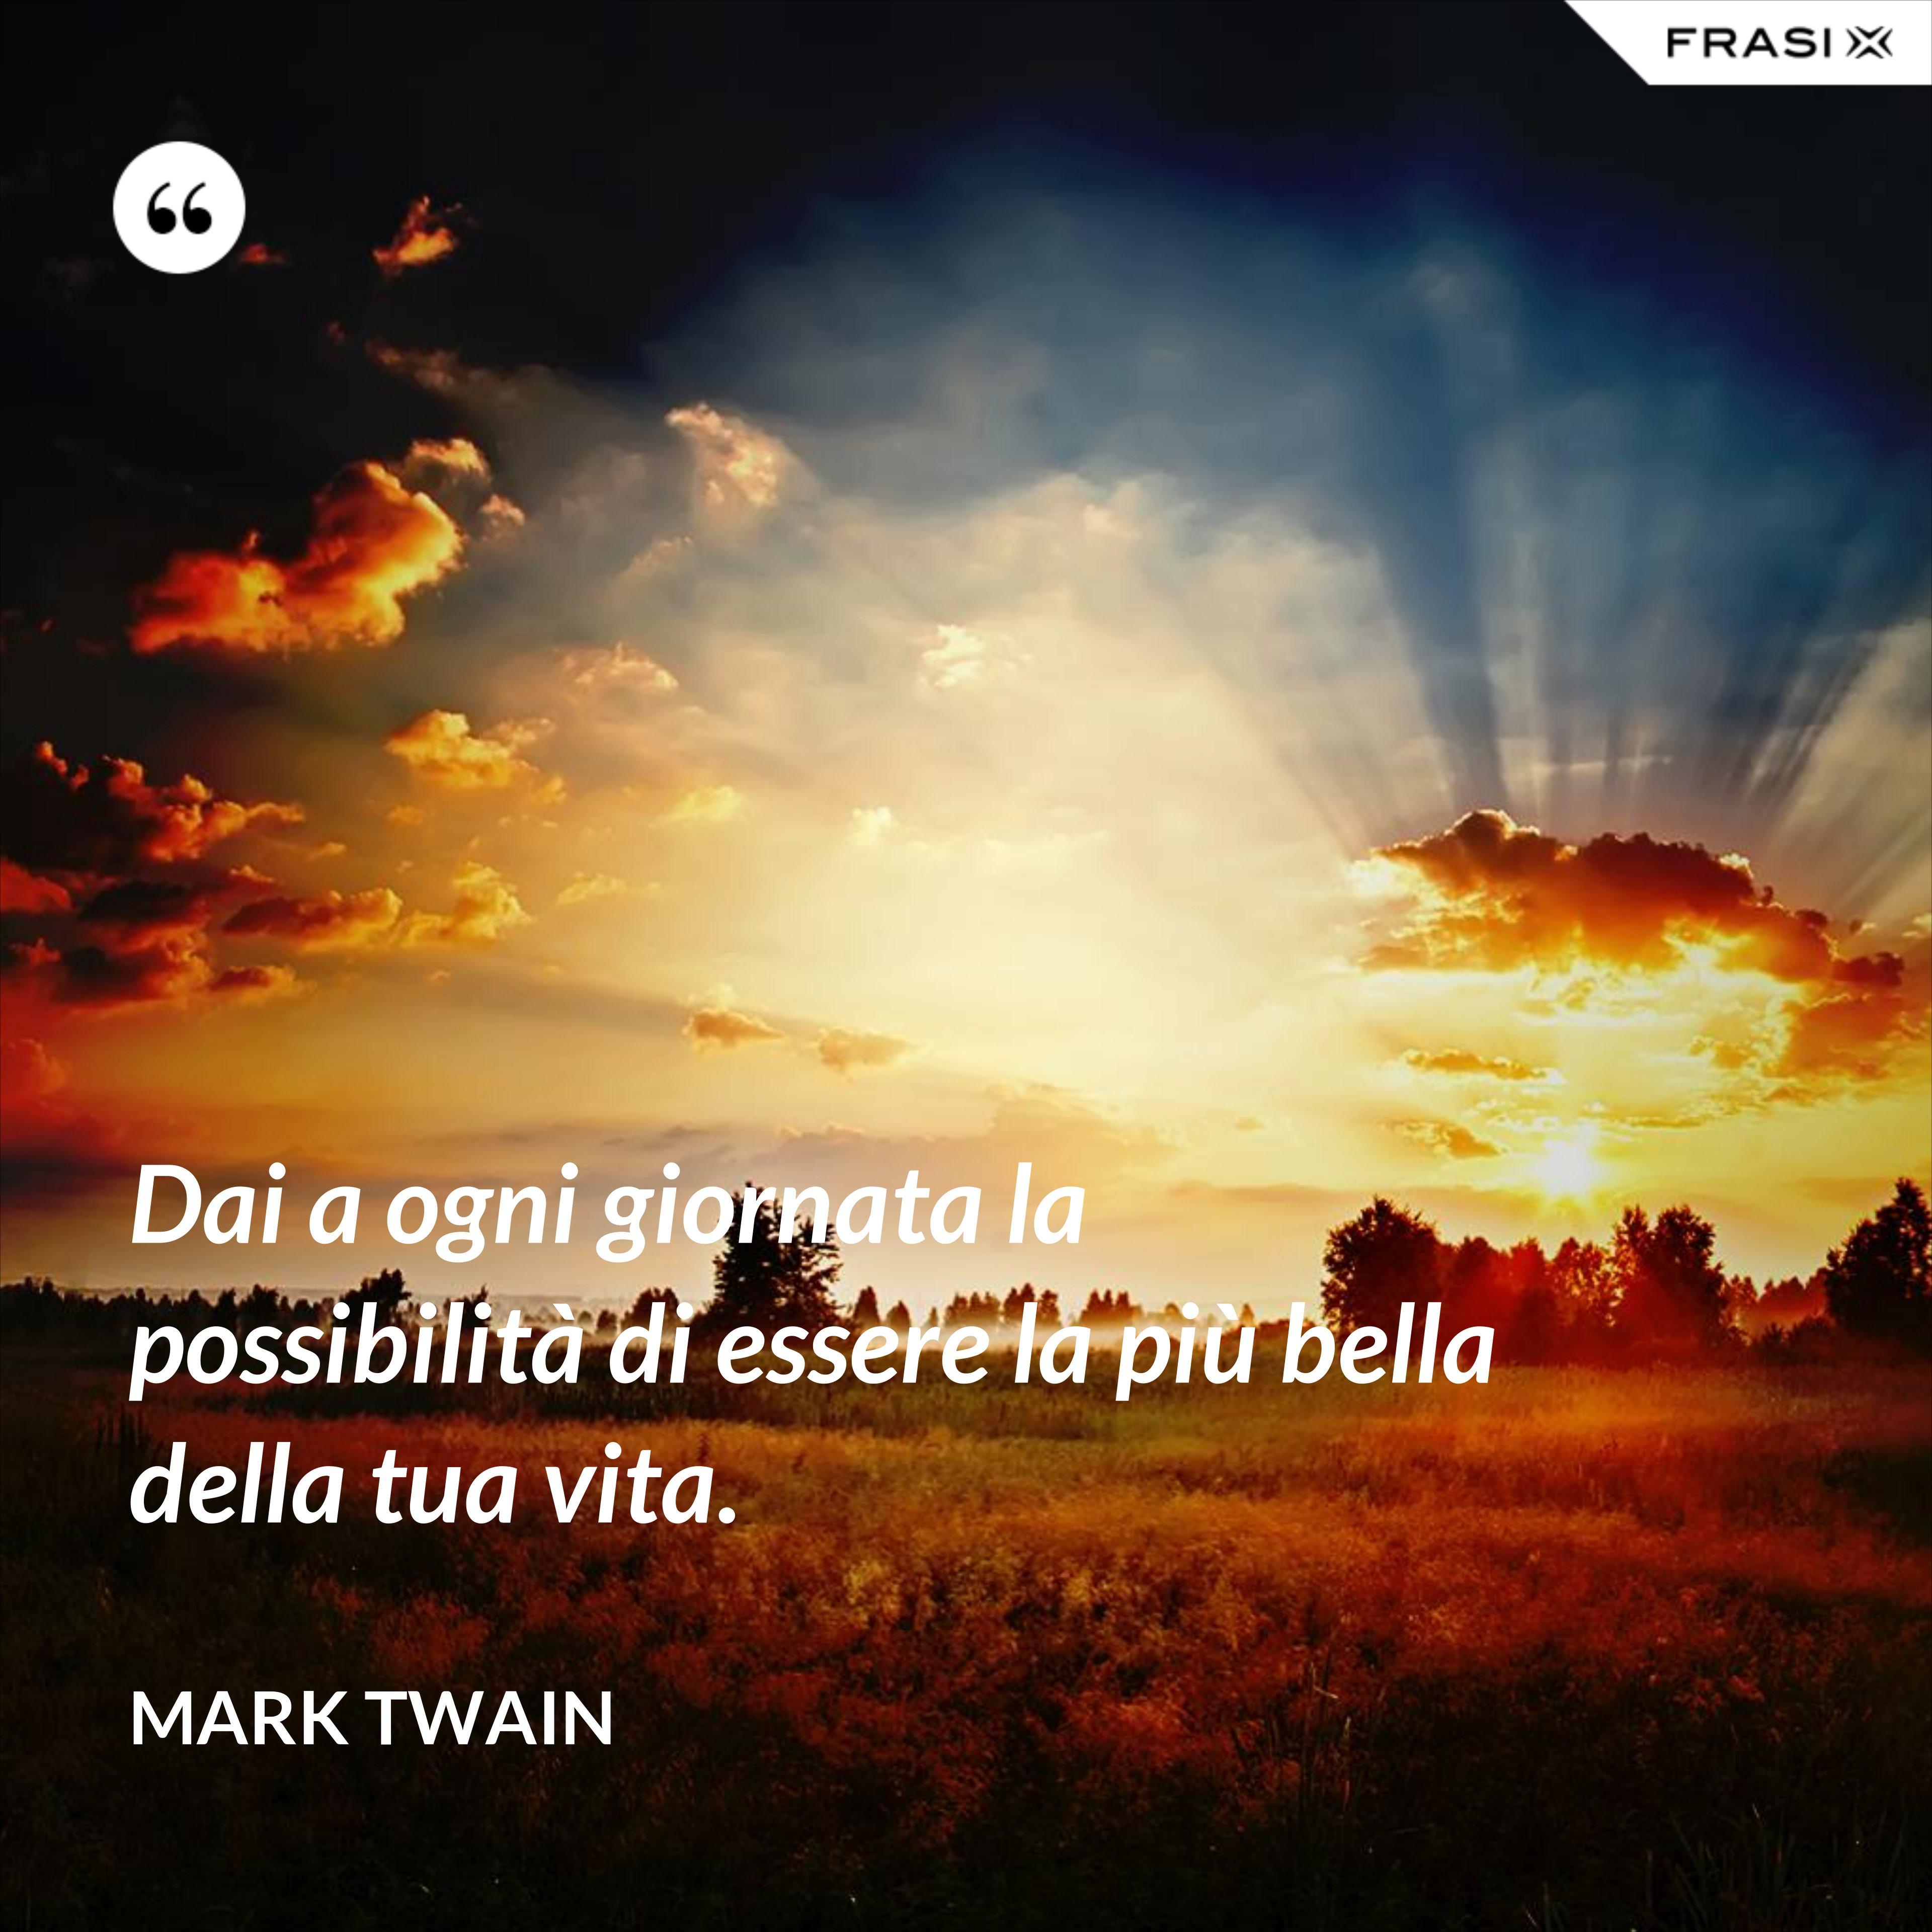 Daia ogni giornata la possibilità di essere la più bella della tua vita. - Mark Twain